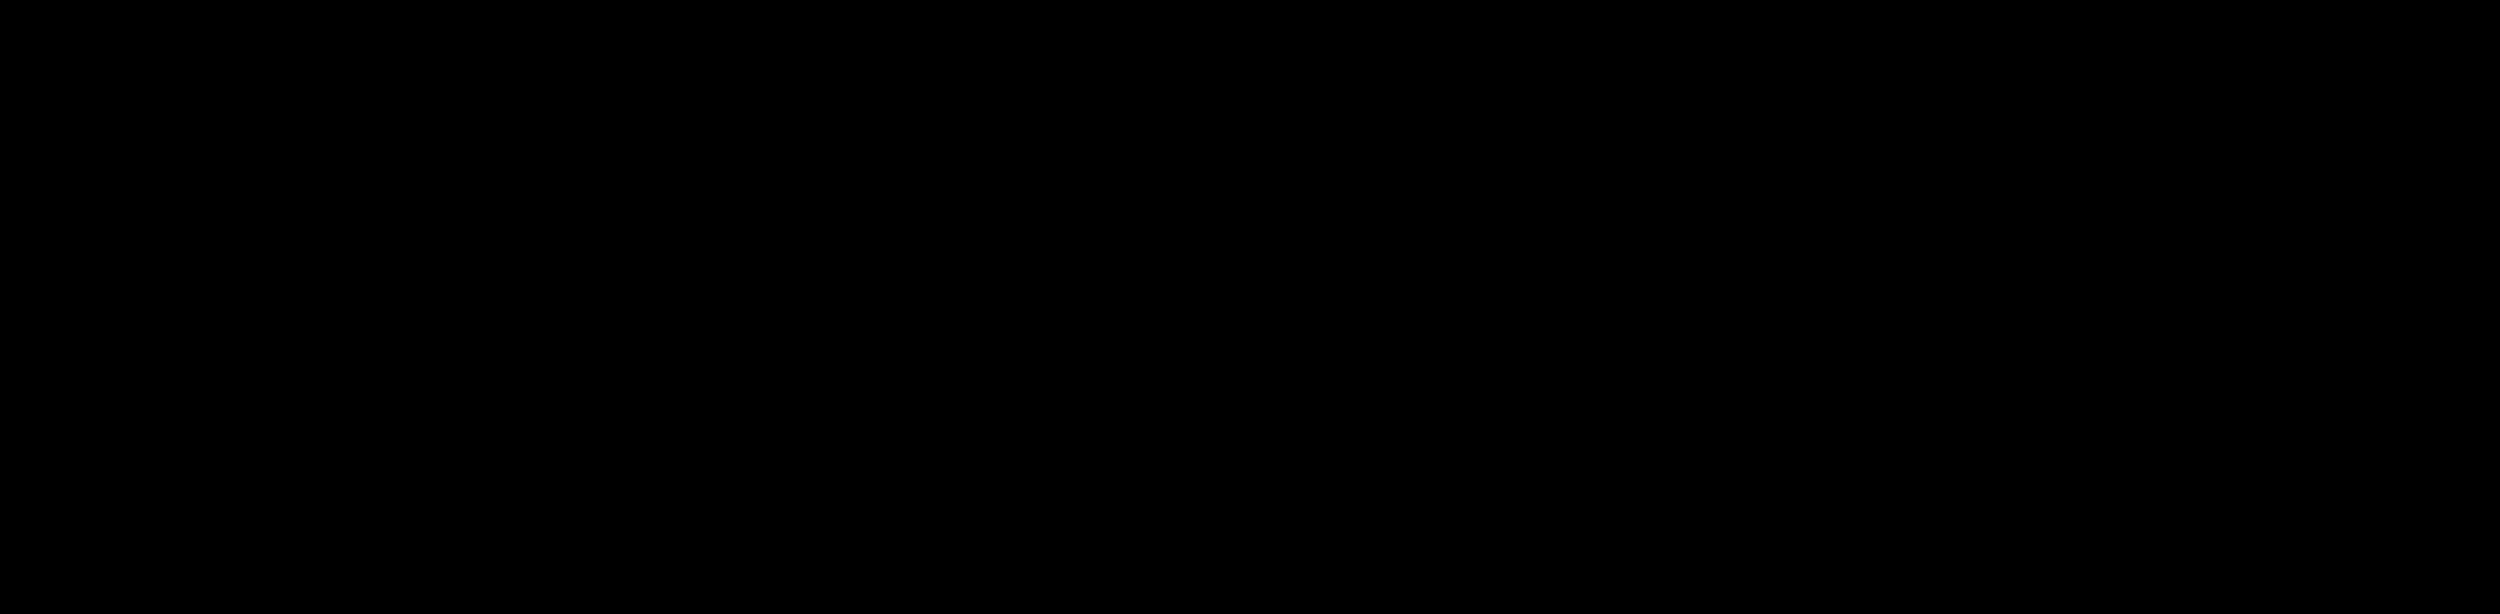 liquidlightblack-01.png